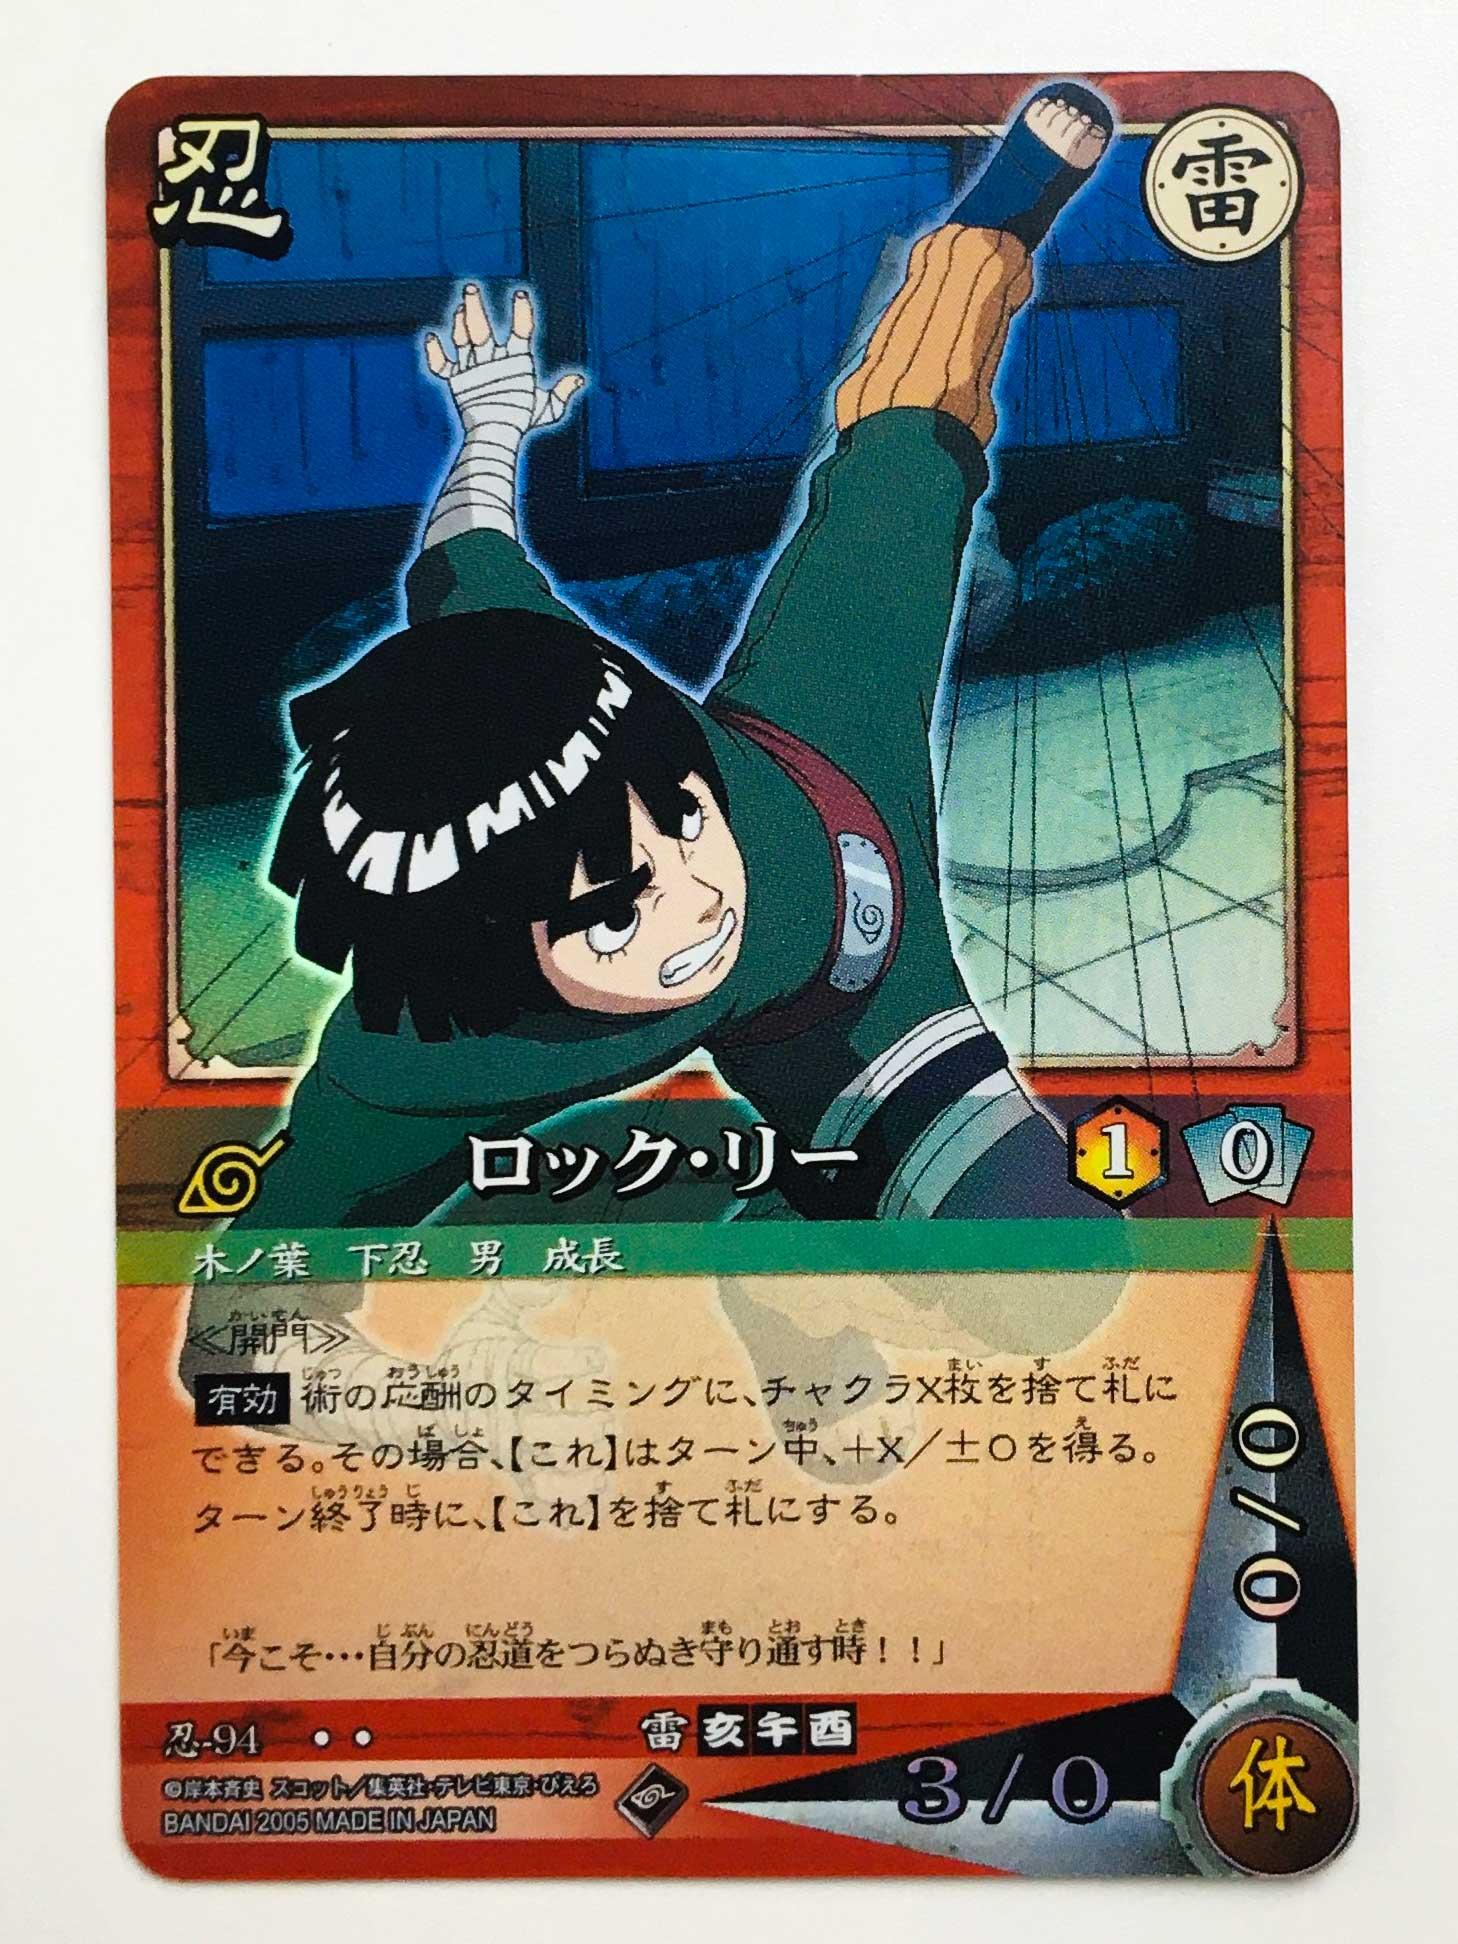 火影忍者 CARD GAME 对战卡 李洛克 忍-94 二豆闪卡